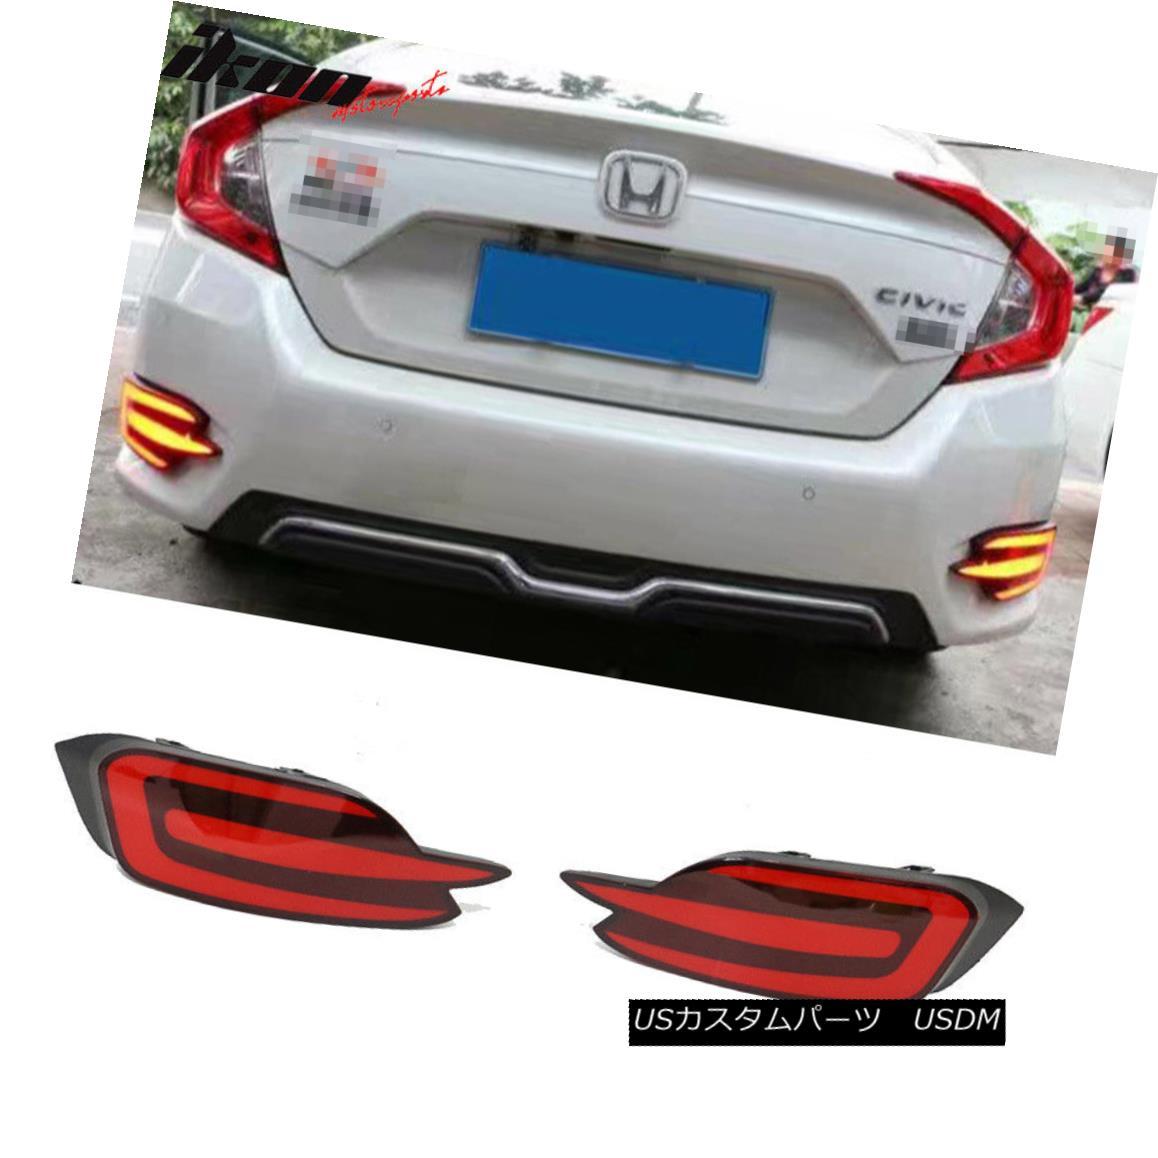 エアロパーツ Fits 16-18 Civic 10 th Sedan 4Dr Rear Bumper Brake Lamp Red LED Light - 2 PCS フィット16-18シビック10 thセダン4DrリアバンパーブレーキランプレッドLEDライト - 2 PCS